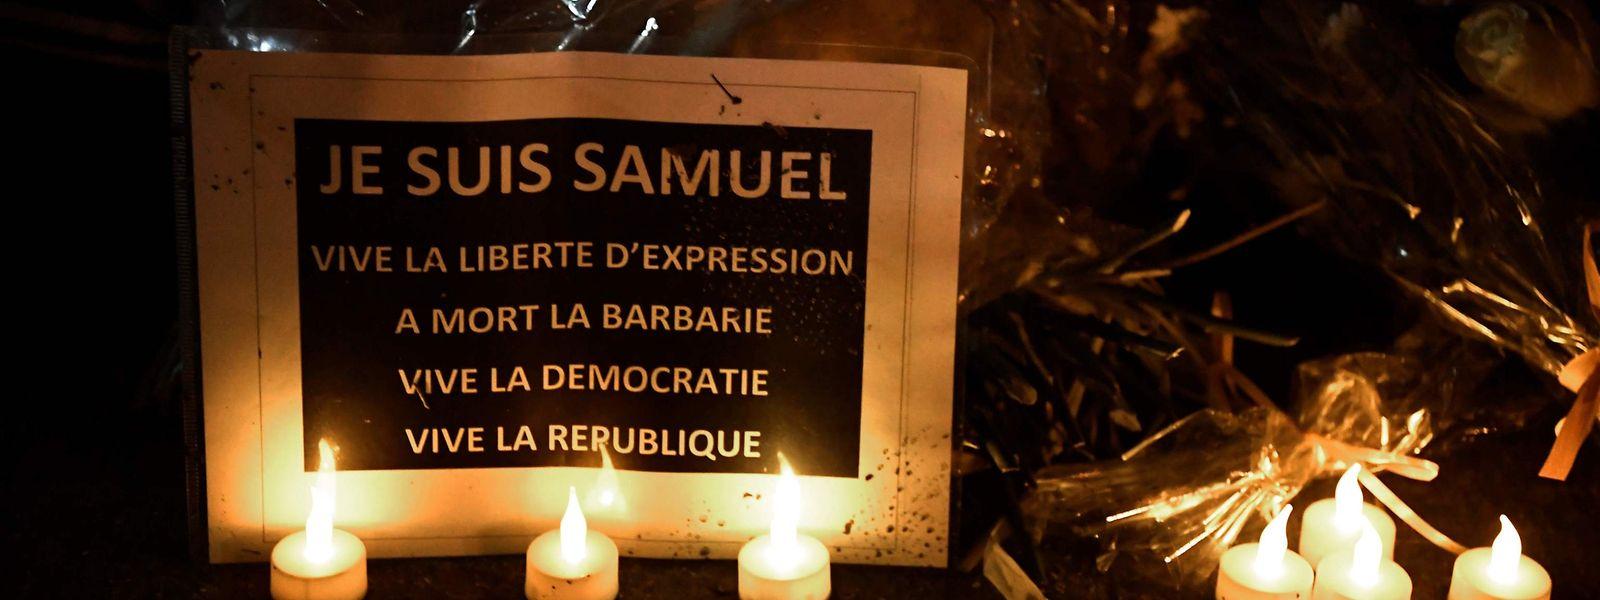 Am Dienstag fand in Conflans-Sainte-Honorine ein Gedenkmarsch für den ermordeten Lehrer Samuel Paty statt.